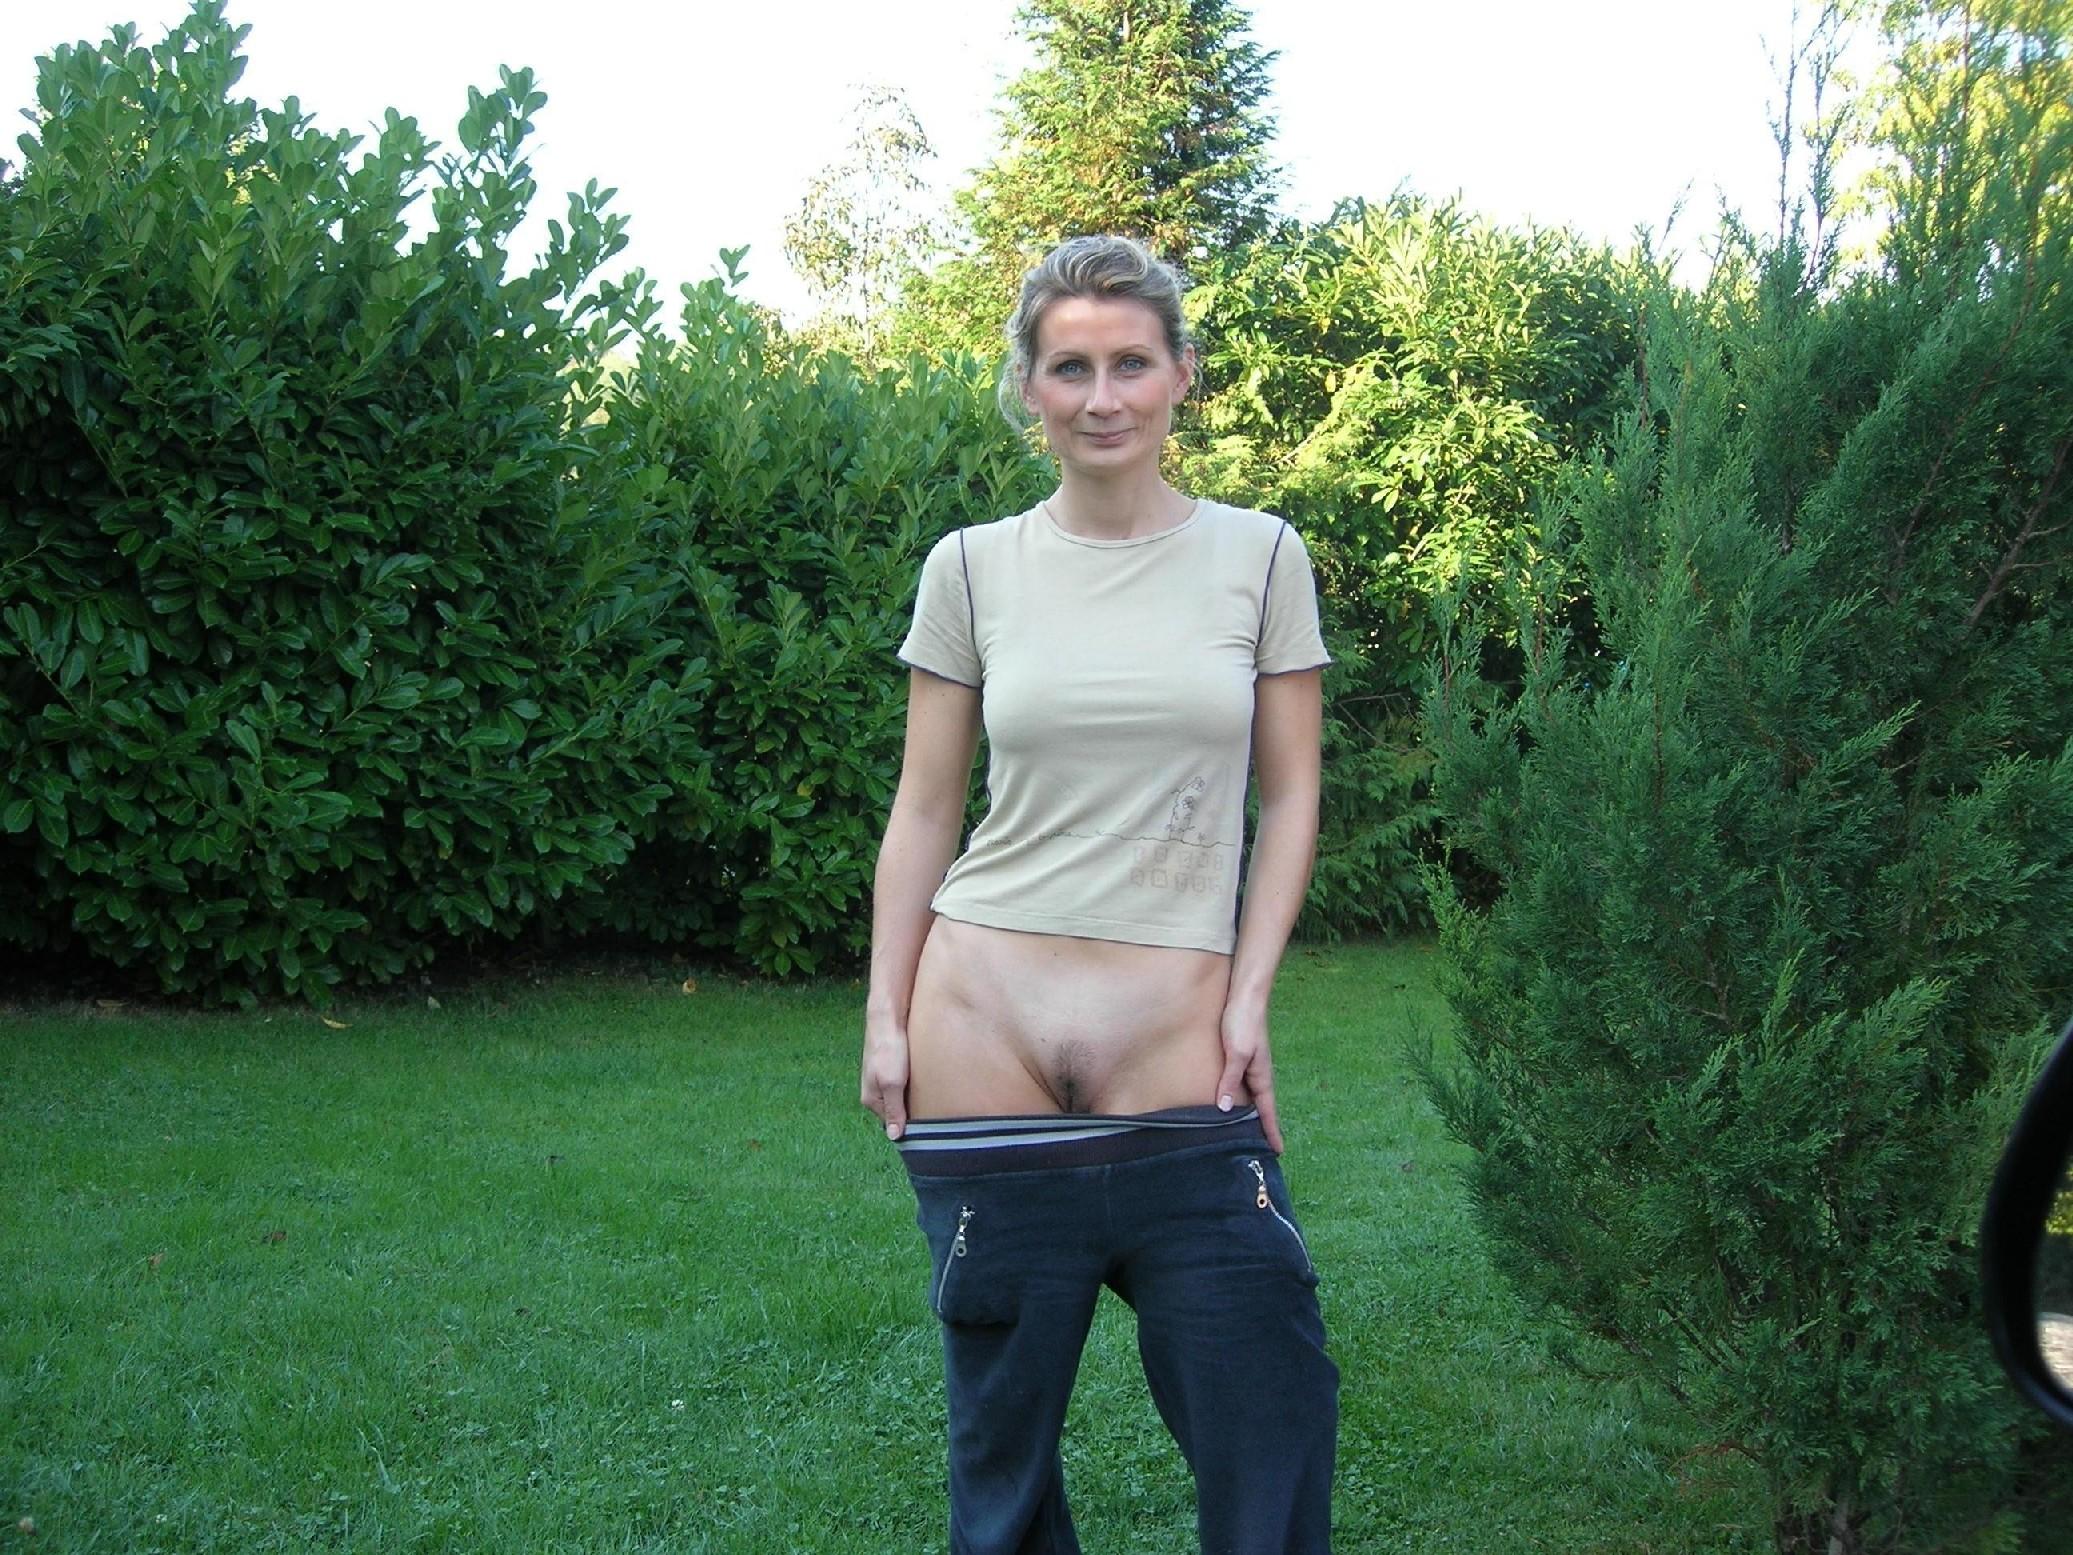 Частное фото женщина в штанах, Голые девушки со спущенными штанами Фото голых 13 фотография